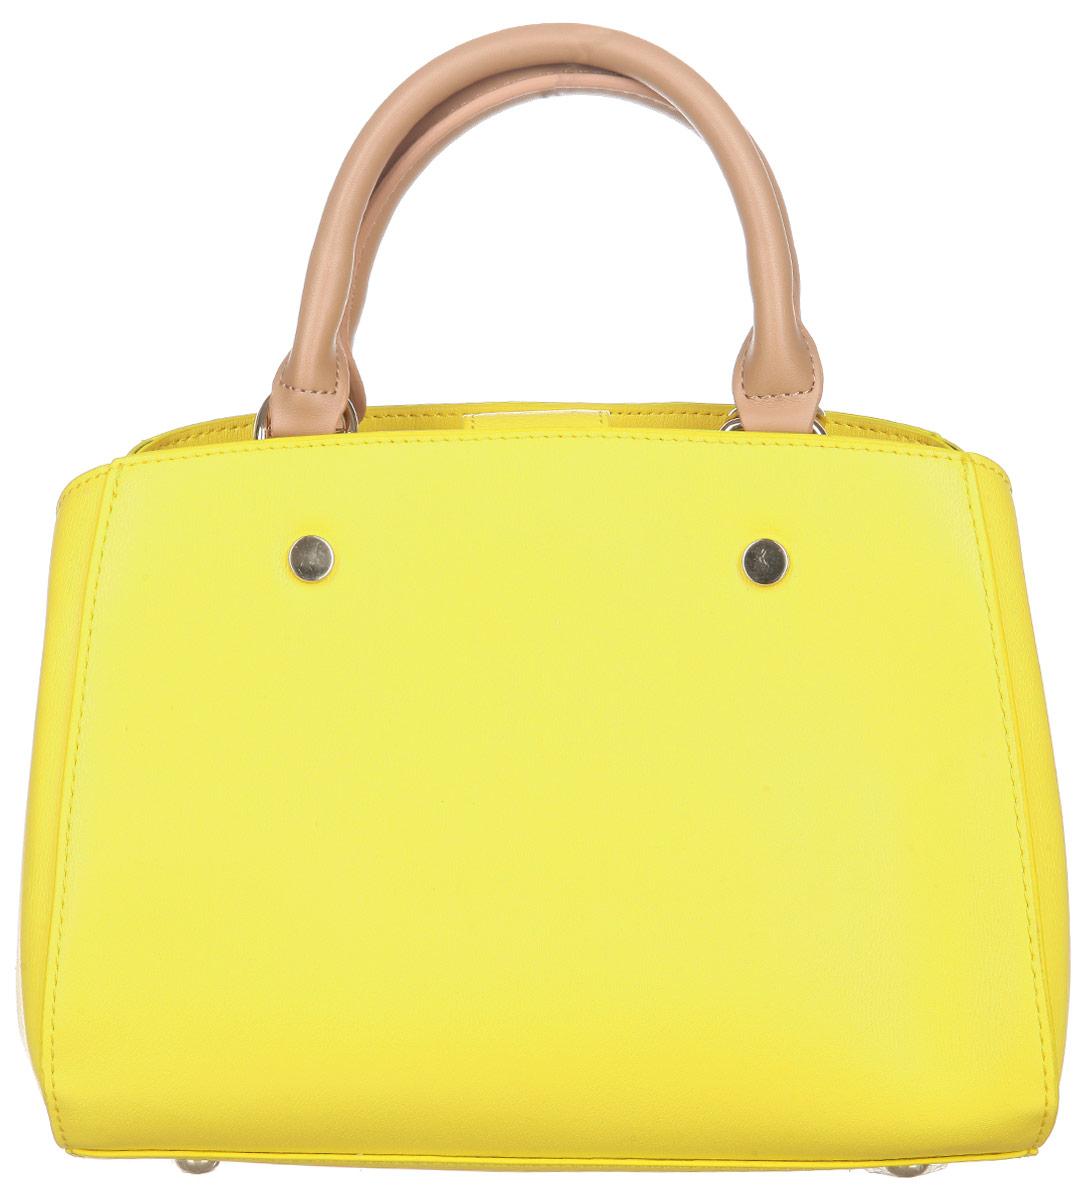 Сумка женская VelVet, цвет: желтый. 955-141286-172S76245Оригинальная женская сумка VelVet выполнена из искусственной кожи, оформленной естественным тиснением. Сумка закрывается на хлястик с магнитным замком и состоит из двух вместительных отделений, разделенных средником на молнии. Внутри располагаются два открытых кармана для мелочи и мобильного телефона и прорезной карман на застежке-молнии. Металлические ножки на дне сумки обеспечивают необходимую устойчивость.Сумка оснащена удобными ручками для переноски и плечевым ремнем.Сумка - это стильный аксессуар, который подчеркнет вашу изысканность и индивидуальность и сделает ваш образ завершенным. С такой сумочкой вы не останетесь незамеченной.